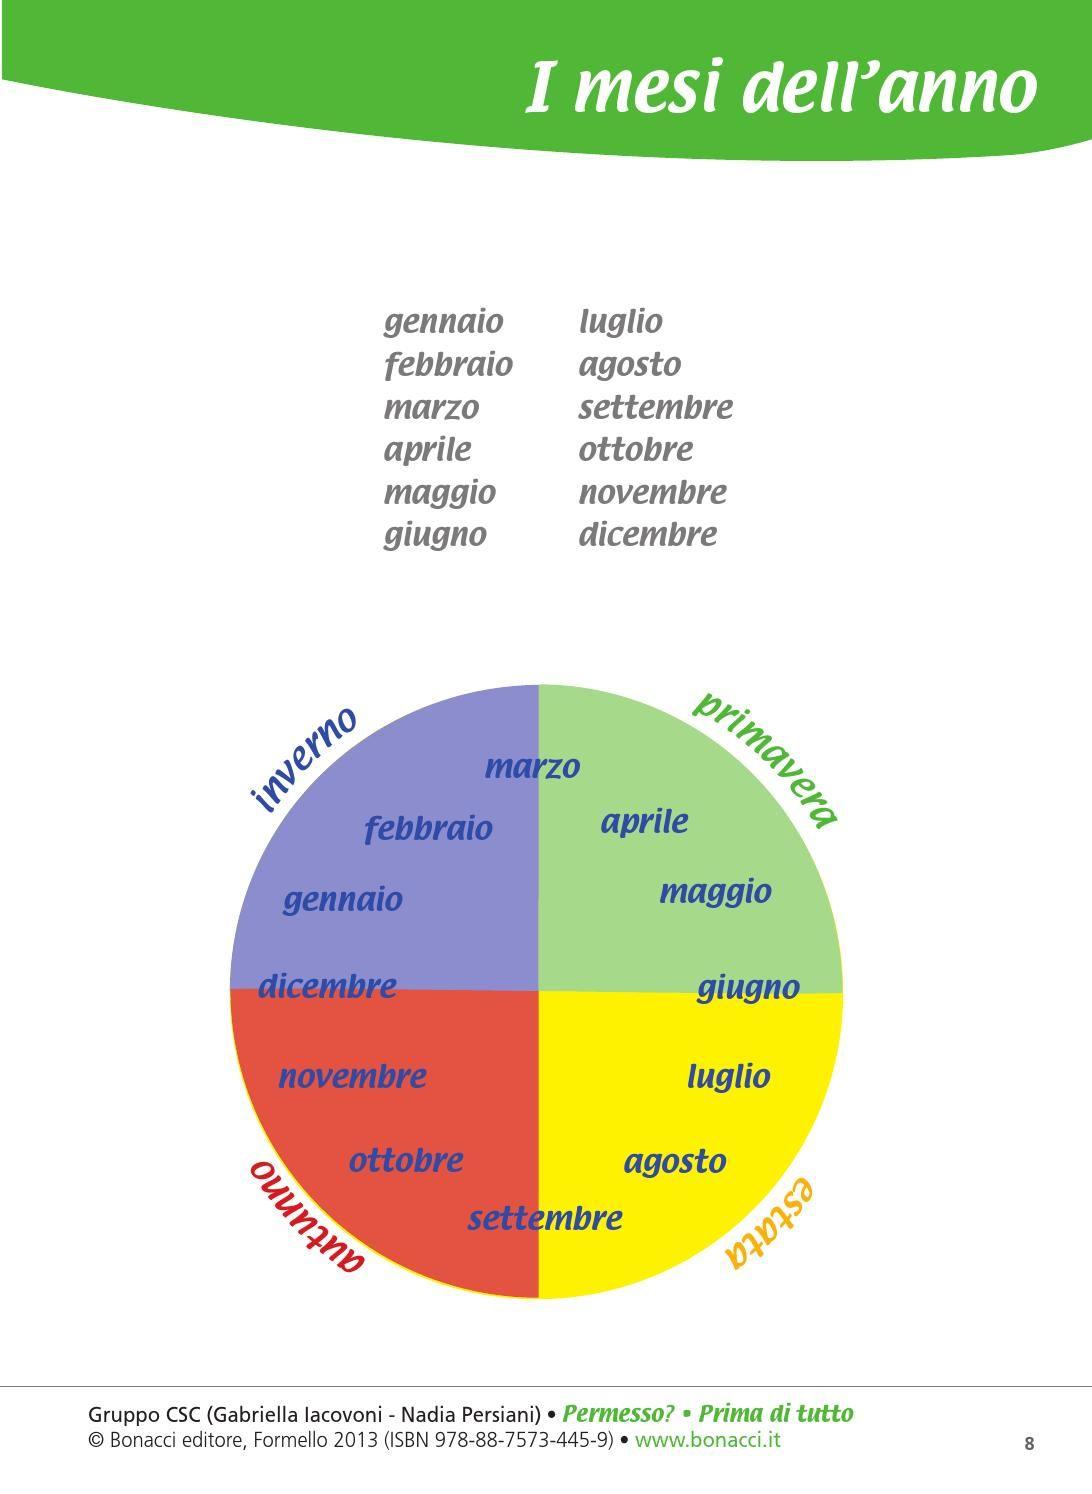 Permesso italiano learning italian activities for for Test di italiano per permesso di soggiorno